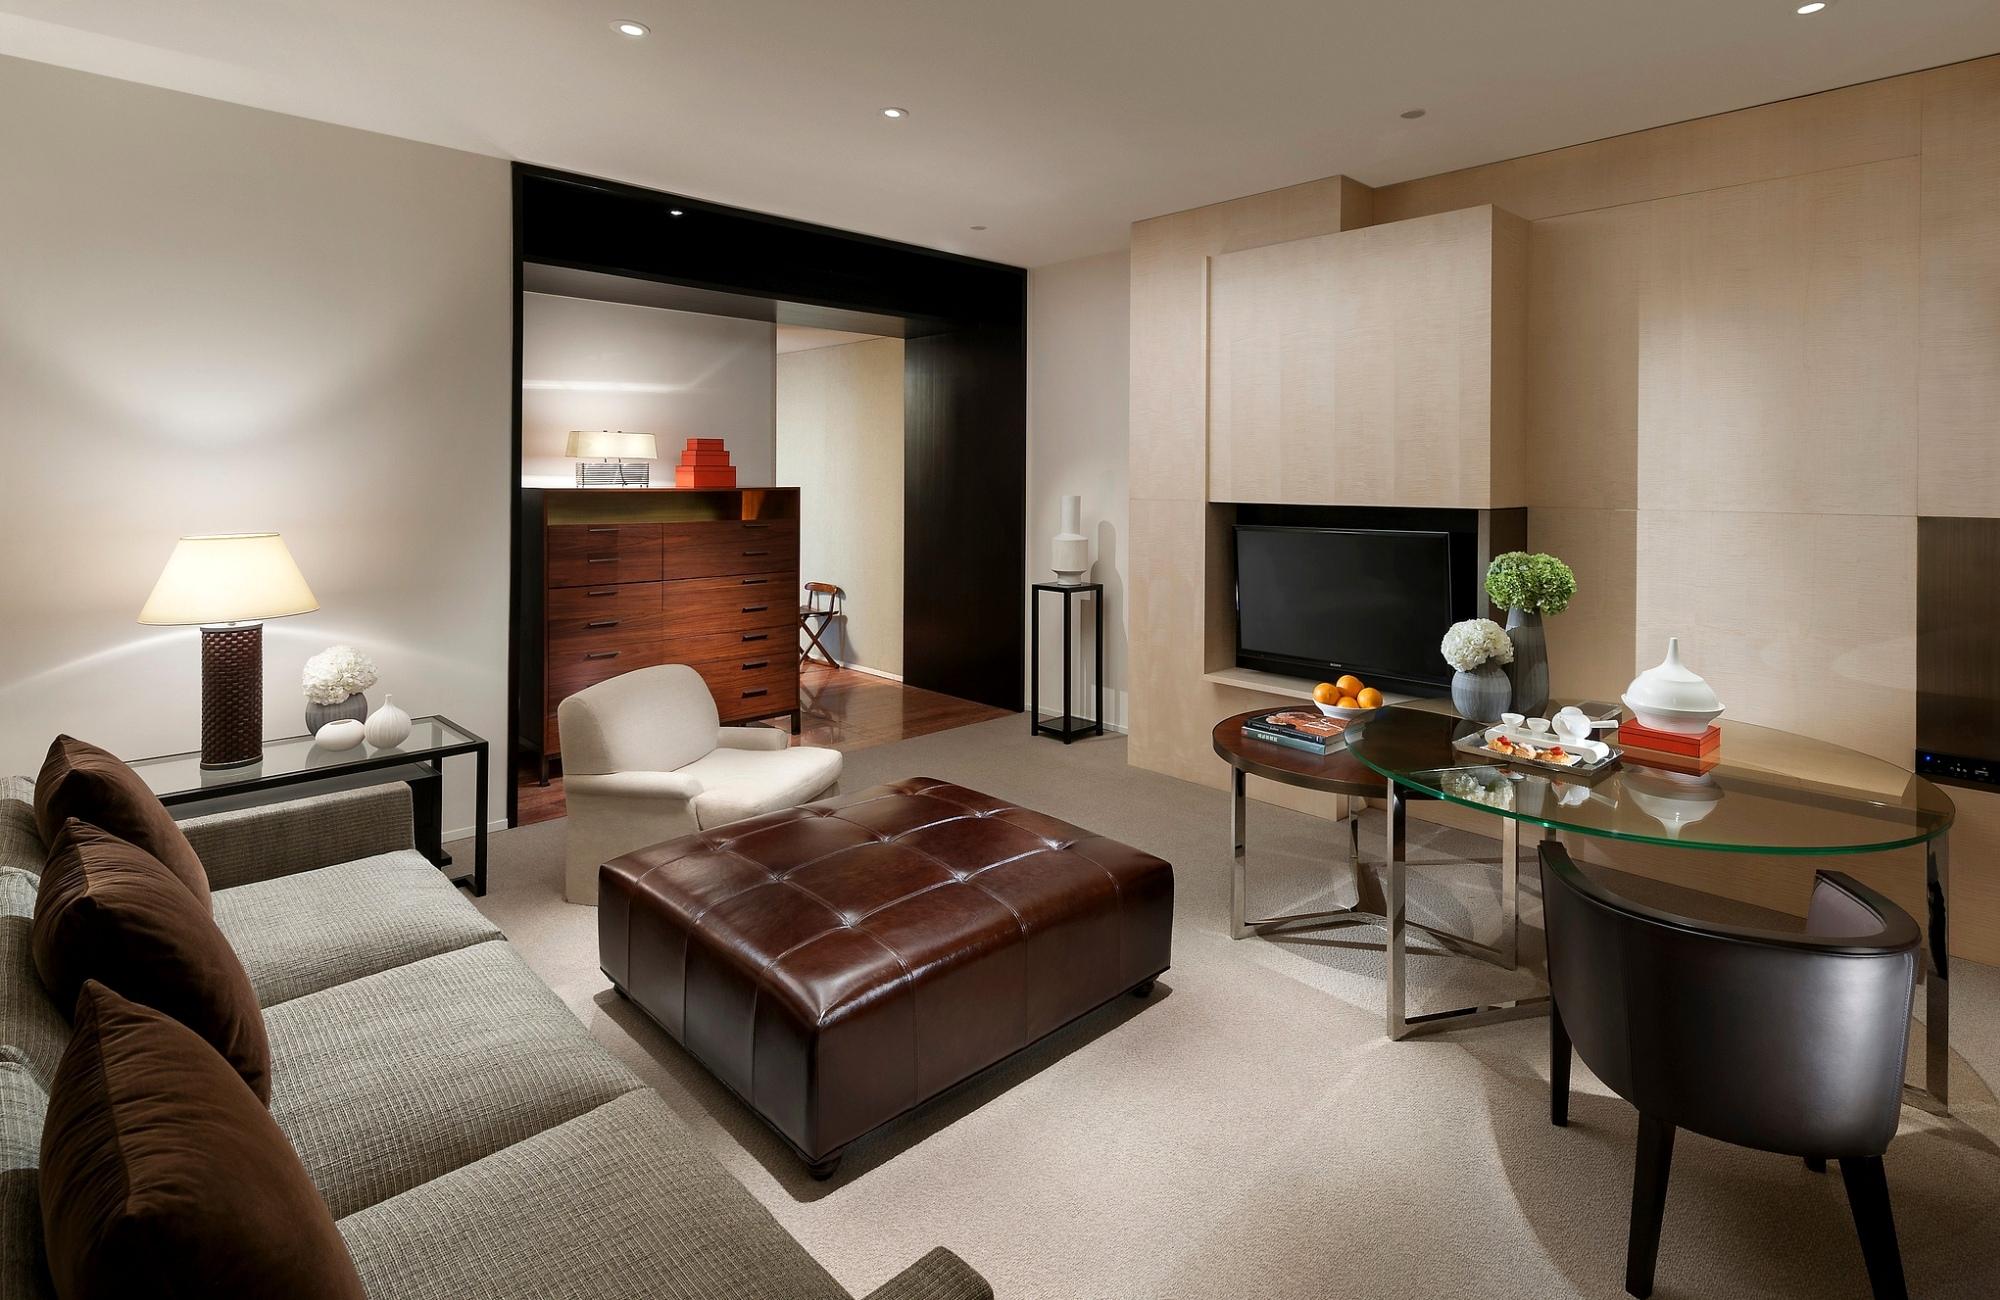 комната в коричневом стиле  № 1730728 бесплатно